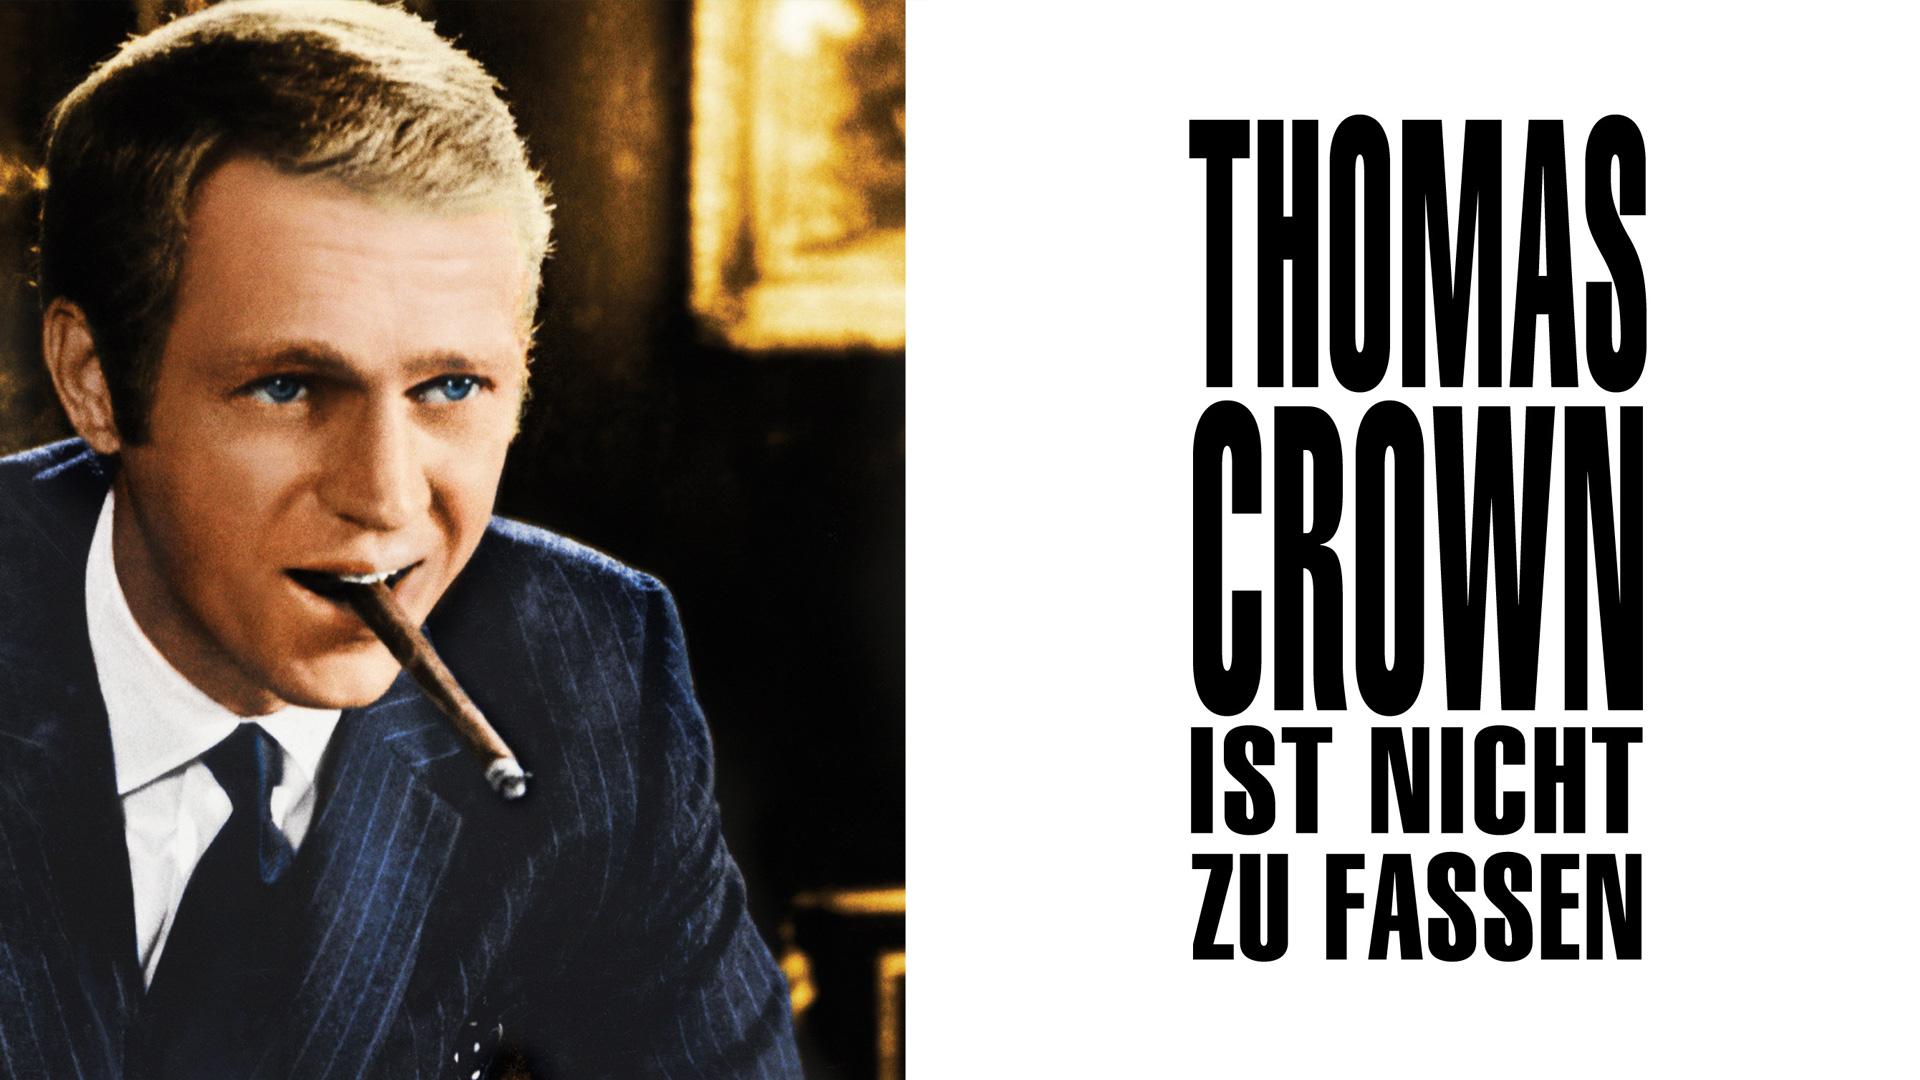 Thomas Crown ist nicht zu fassen [dt./OV]